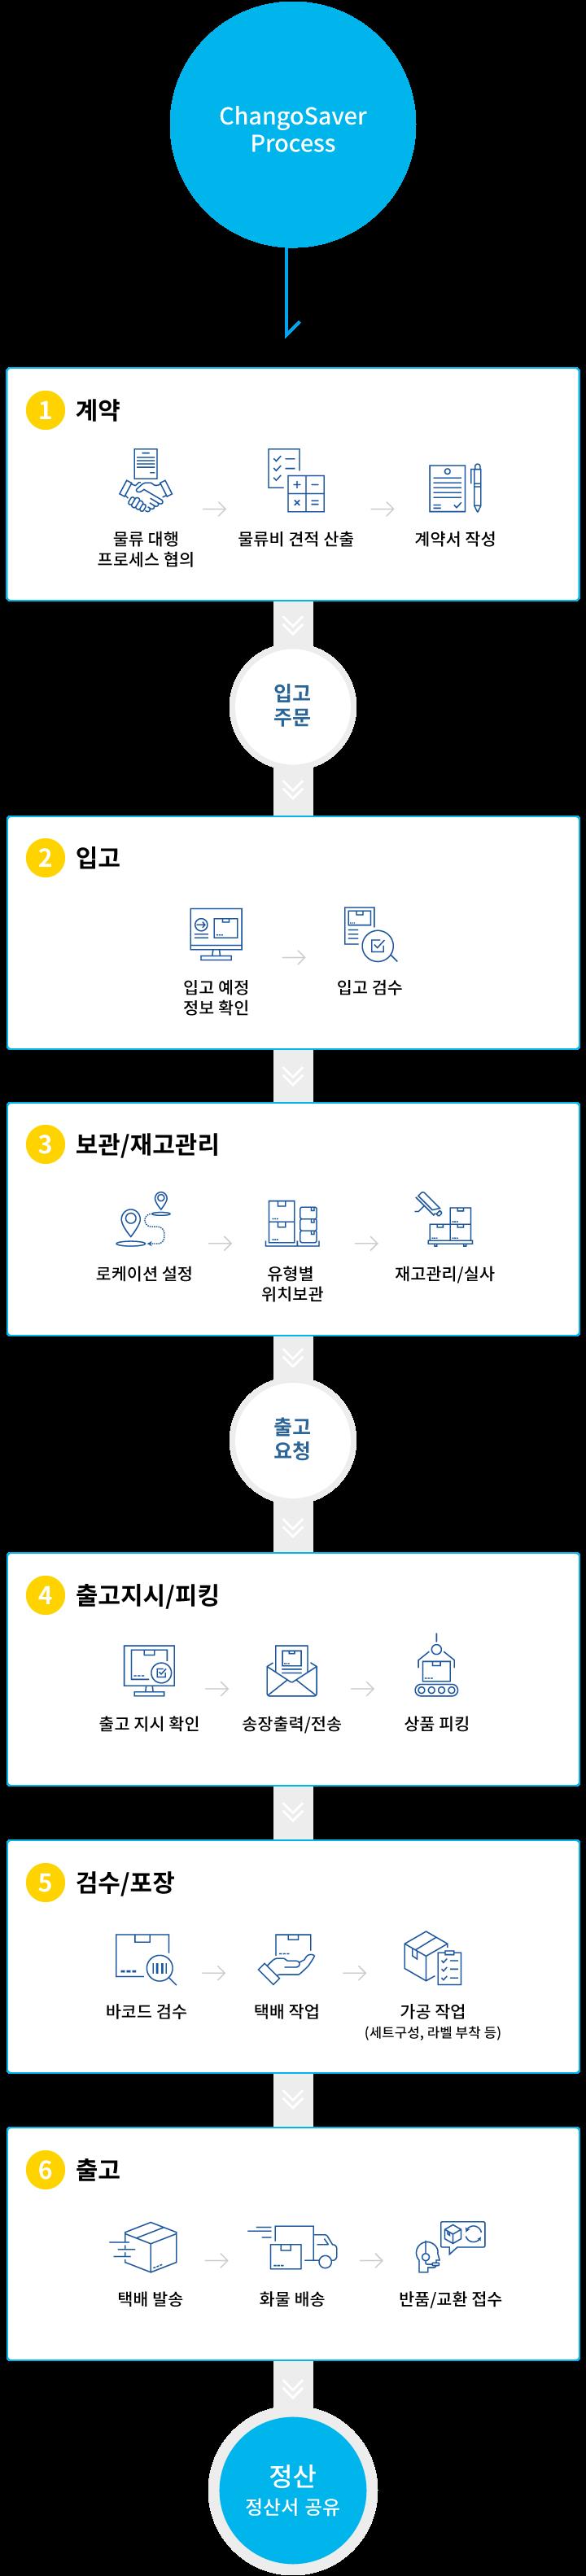 창고세이버프로세스: 계약-입고-출고지시/피킹-보관/재고관리-검수/포장-출고-정산(정산서공유)